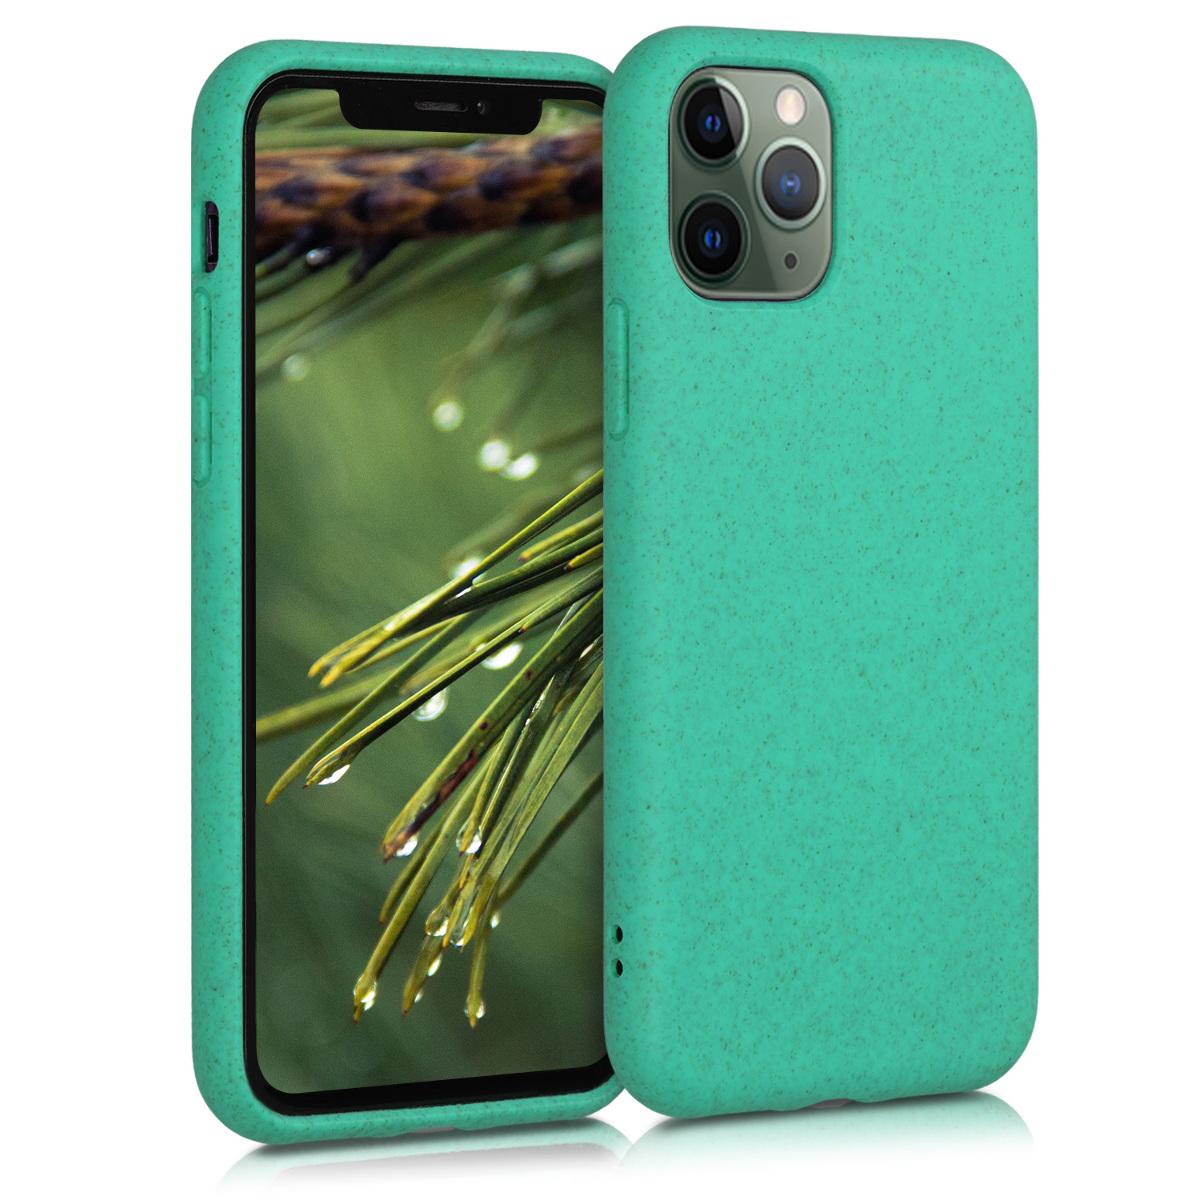 Kalibri Θήκη Σιλικόνης & Eco-Friendly Natural Wheat Straw Apple iPhone 11 Pro Max - Mint (50318.71)